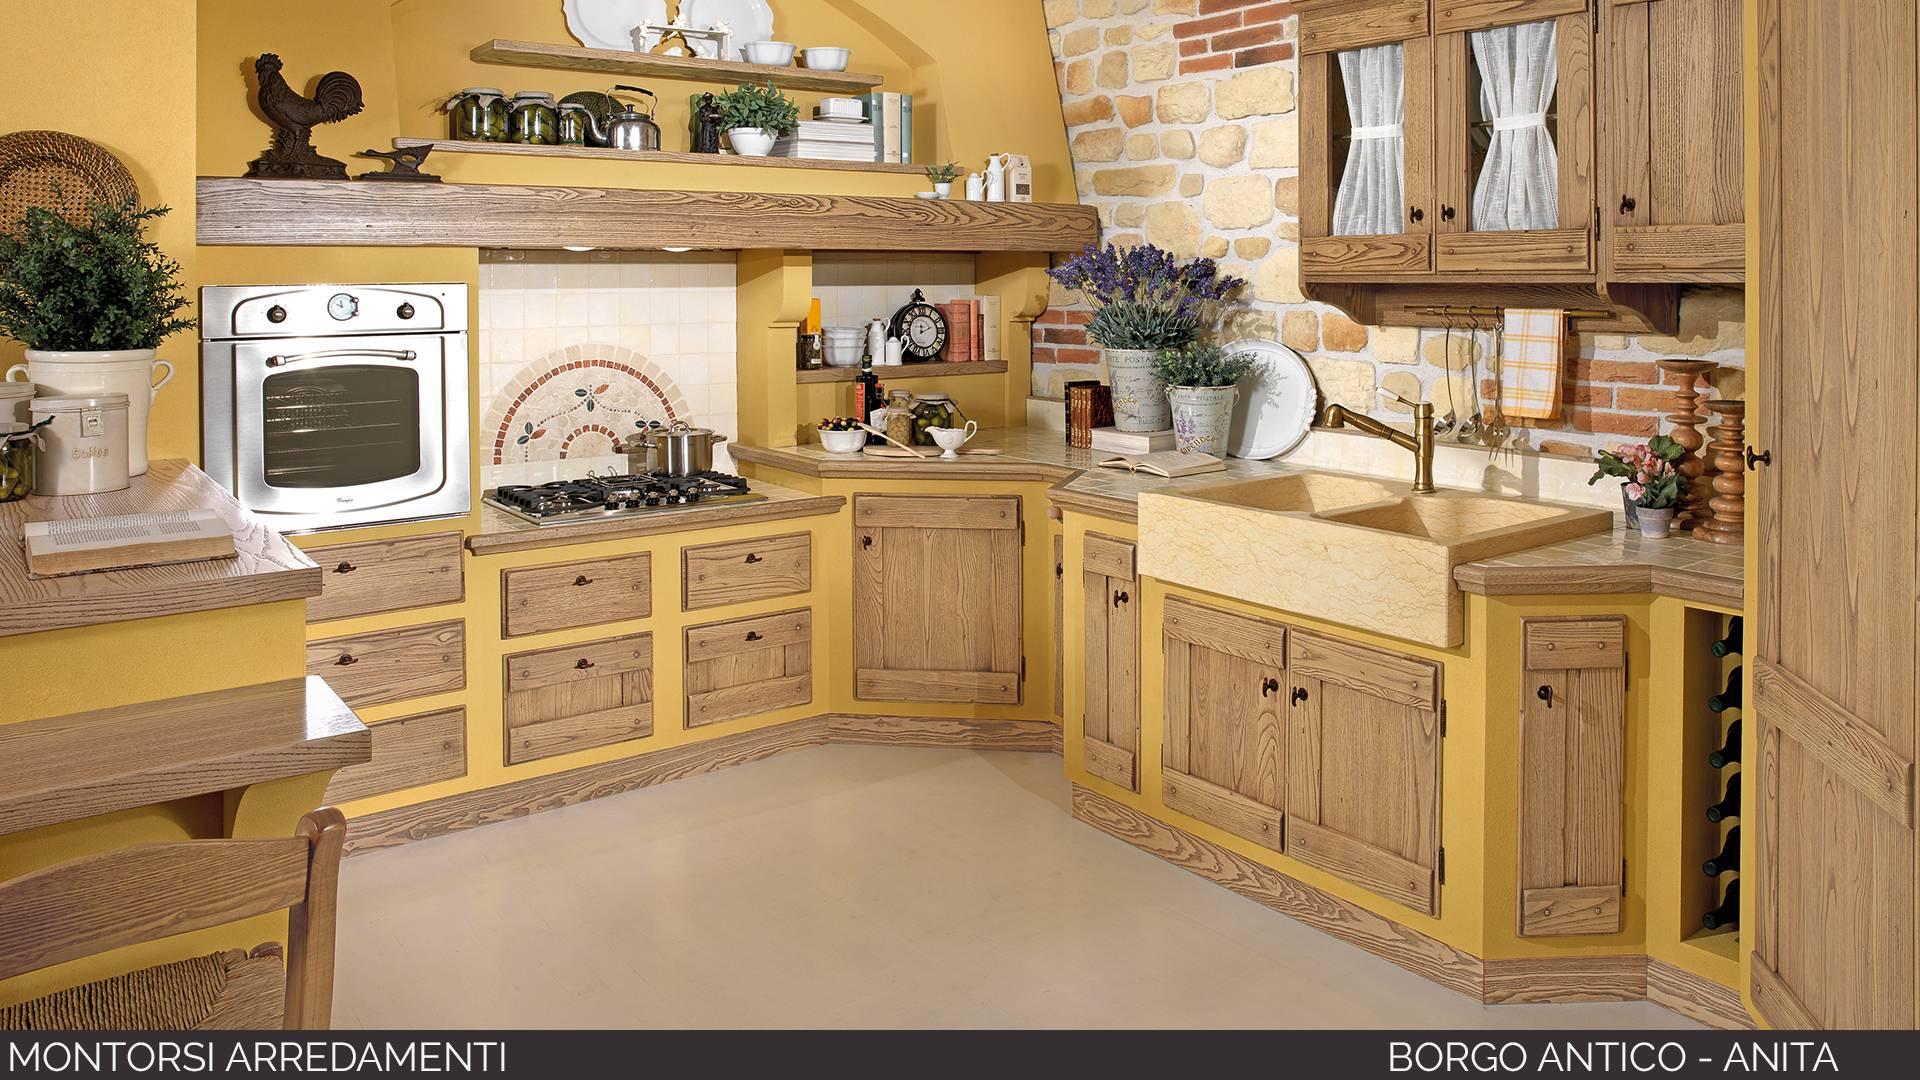 Cucine borgo antico montorsi arredamenti for 3 arredamenti